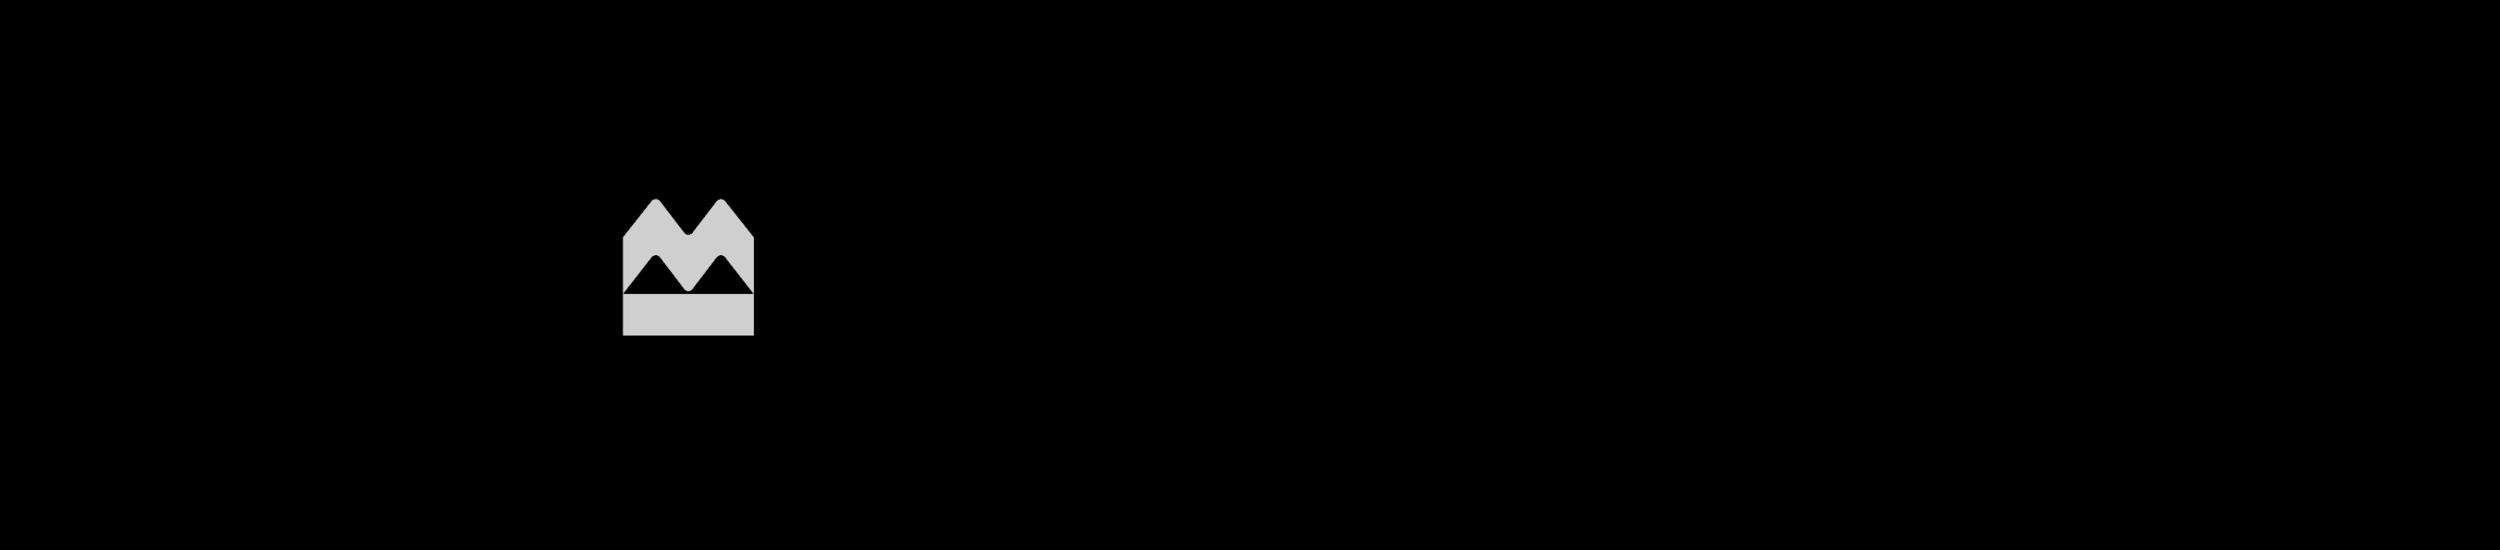 bmo_logo.bdba67b032c6.png